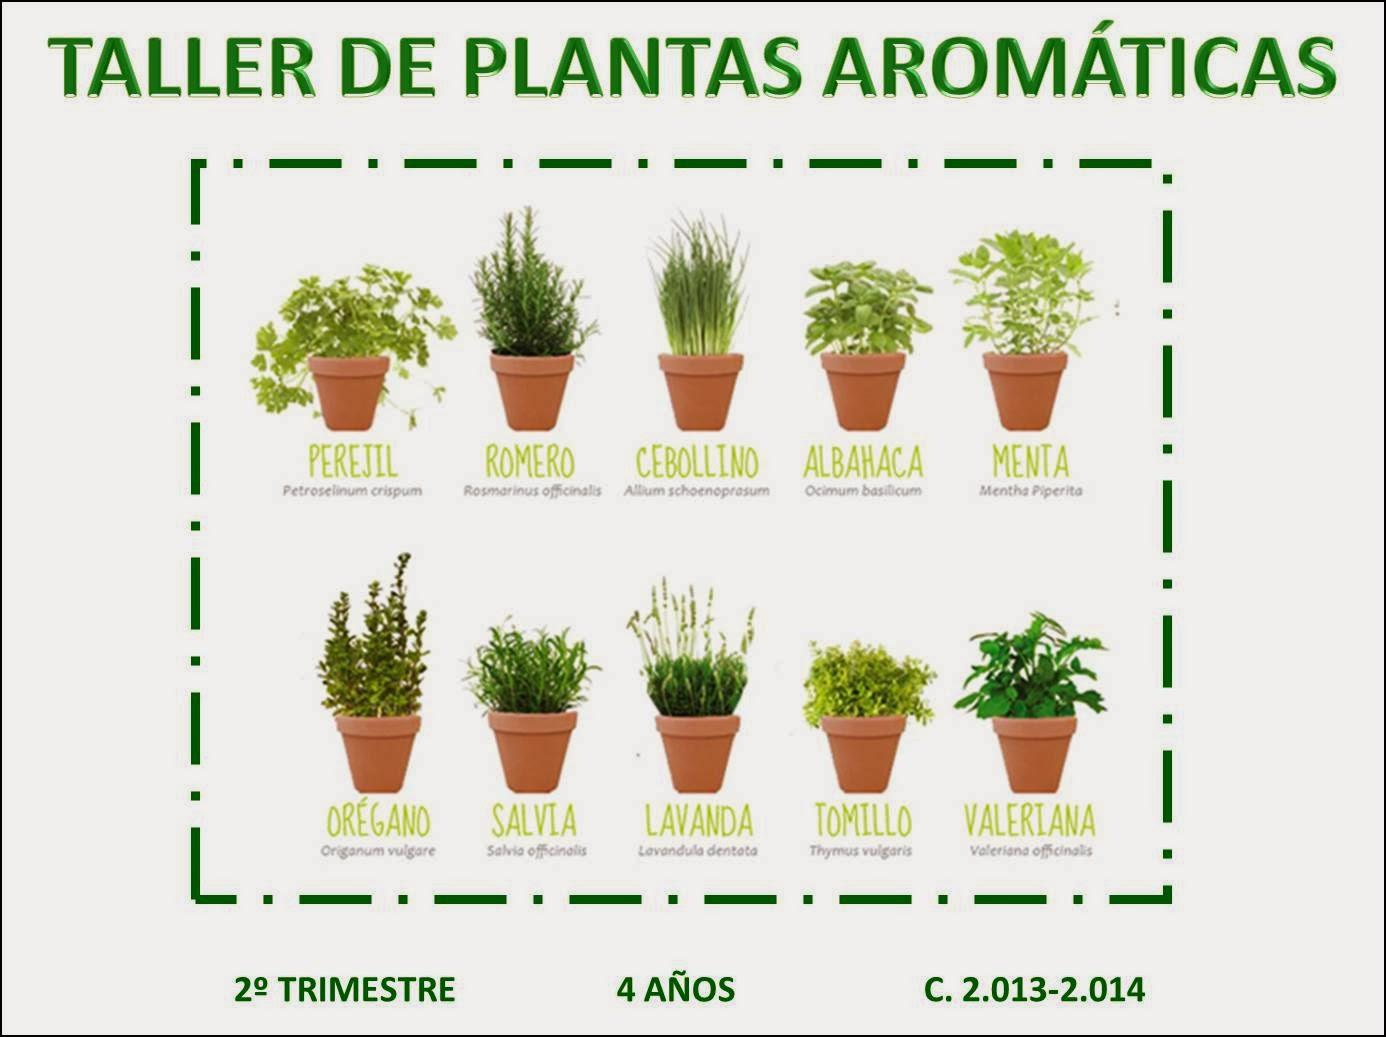 P4gregorimayans2013 taller 1 plantas arom ticas la for Asociacion de plantas aromaticas